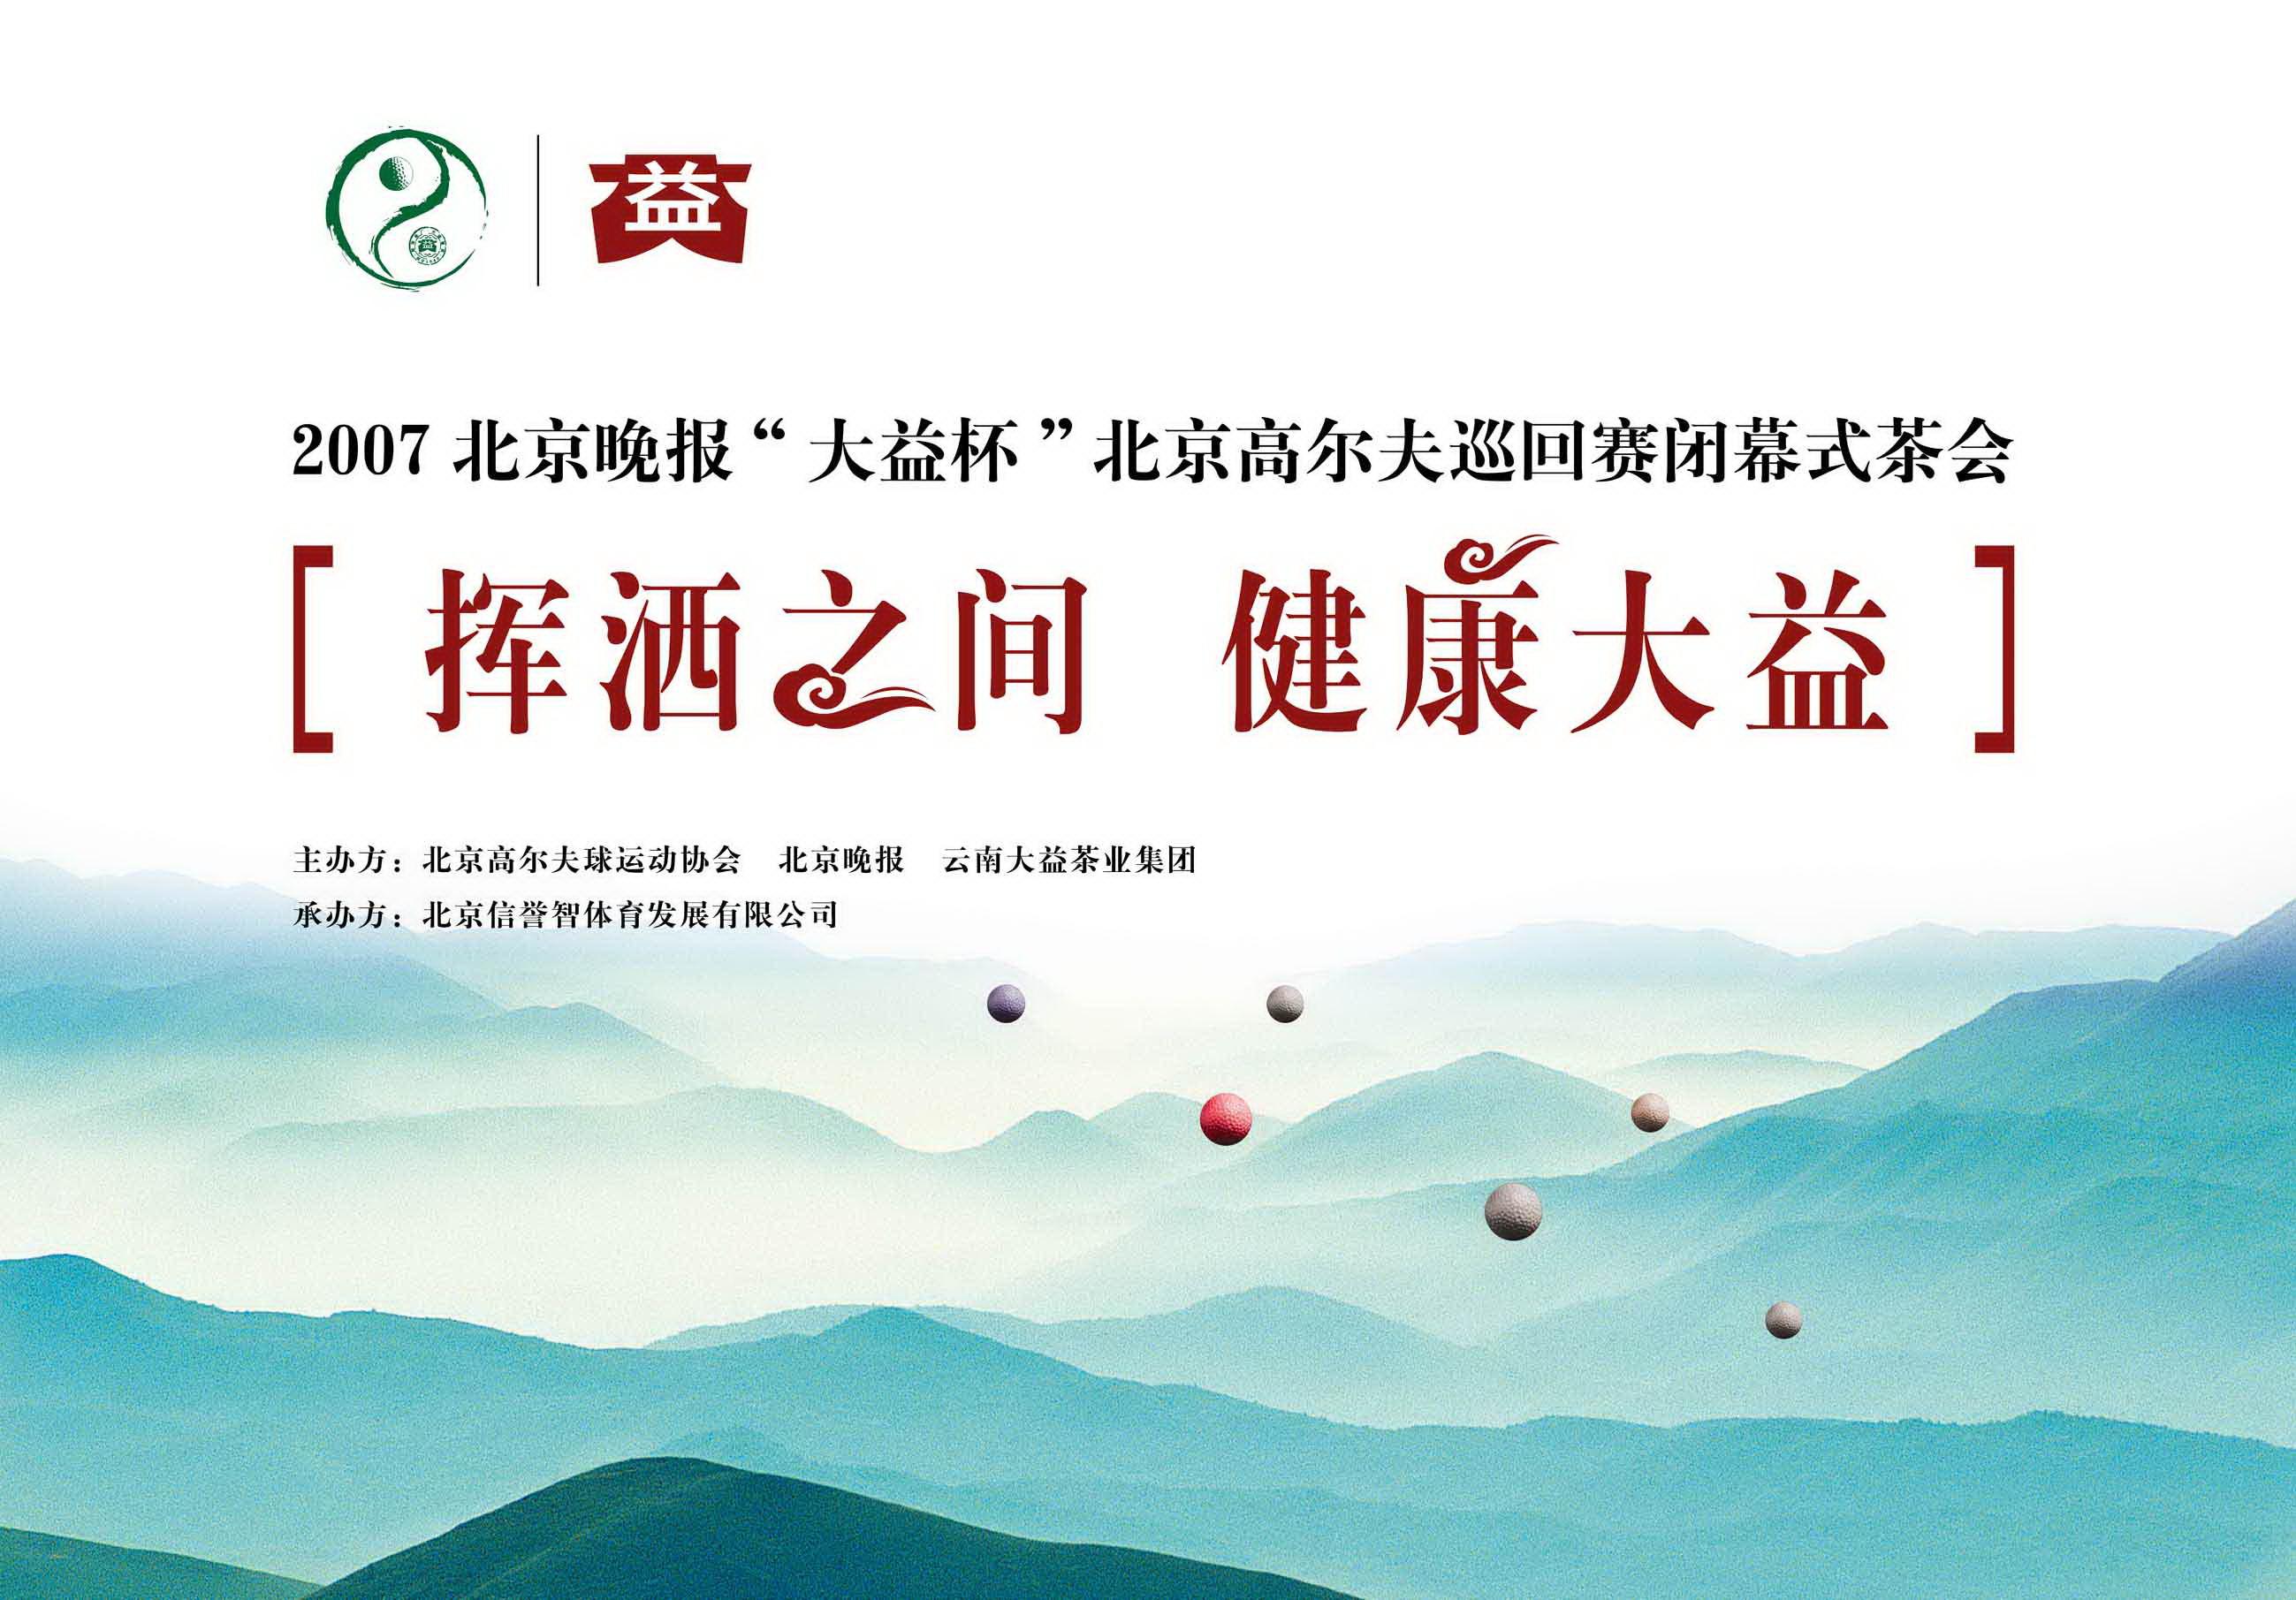 2007北京晚报《大益杯》北京高尔夫巡...